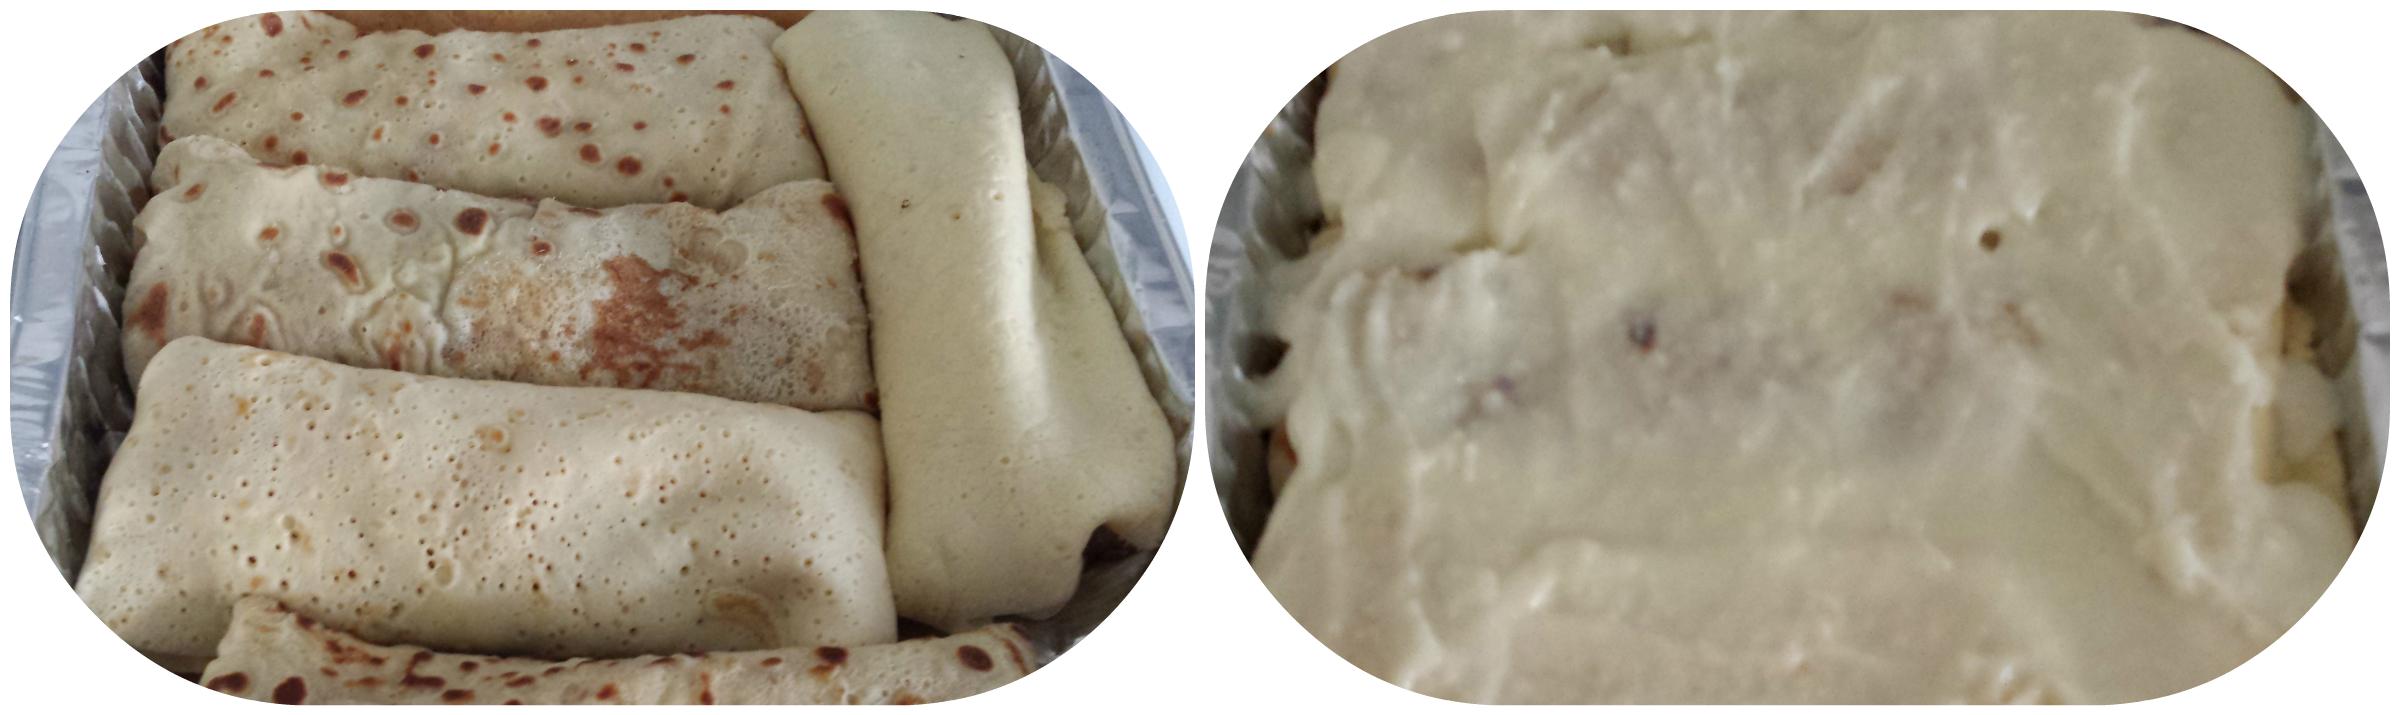 crepes-radicchio1